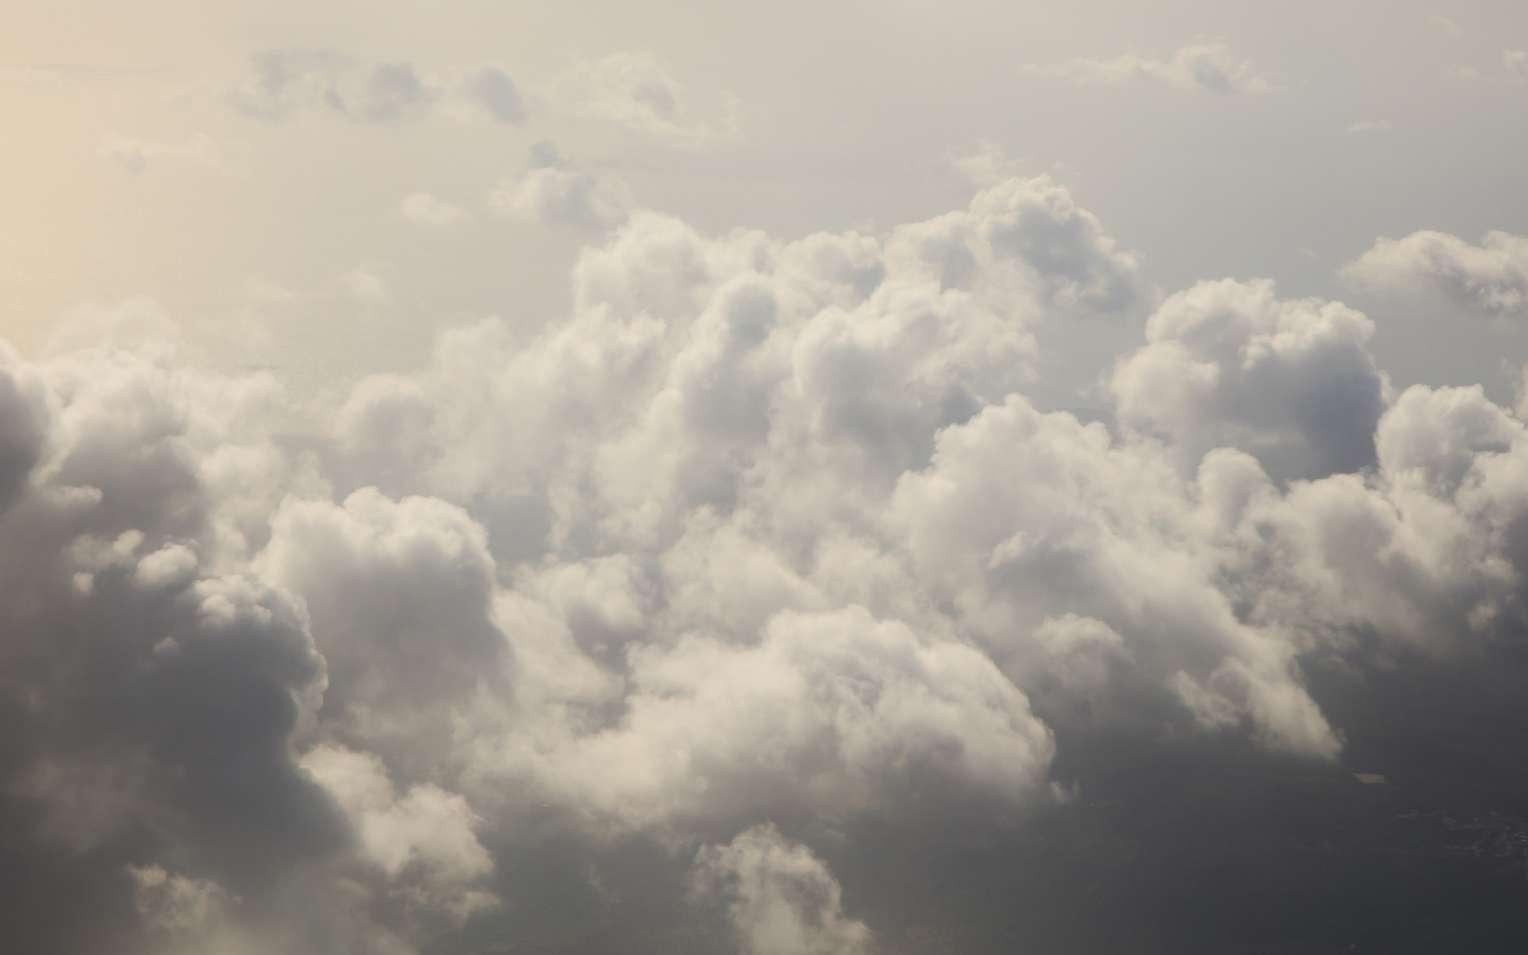 Les nuages prennent toutes sortes de formes et même de couleurs, au hasard des mouvements de l'air mais aussi de phénomènes physiques. © viperagp, Fotolia